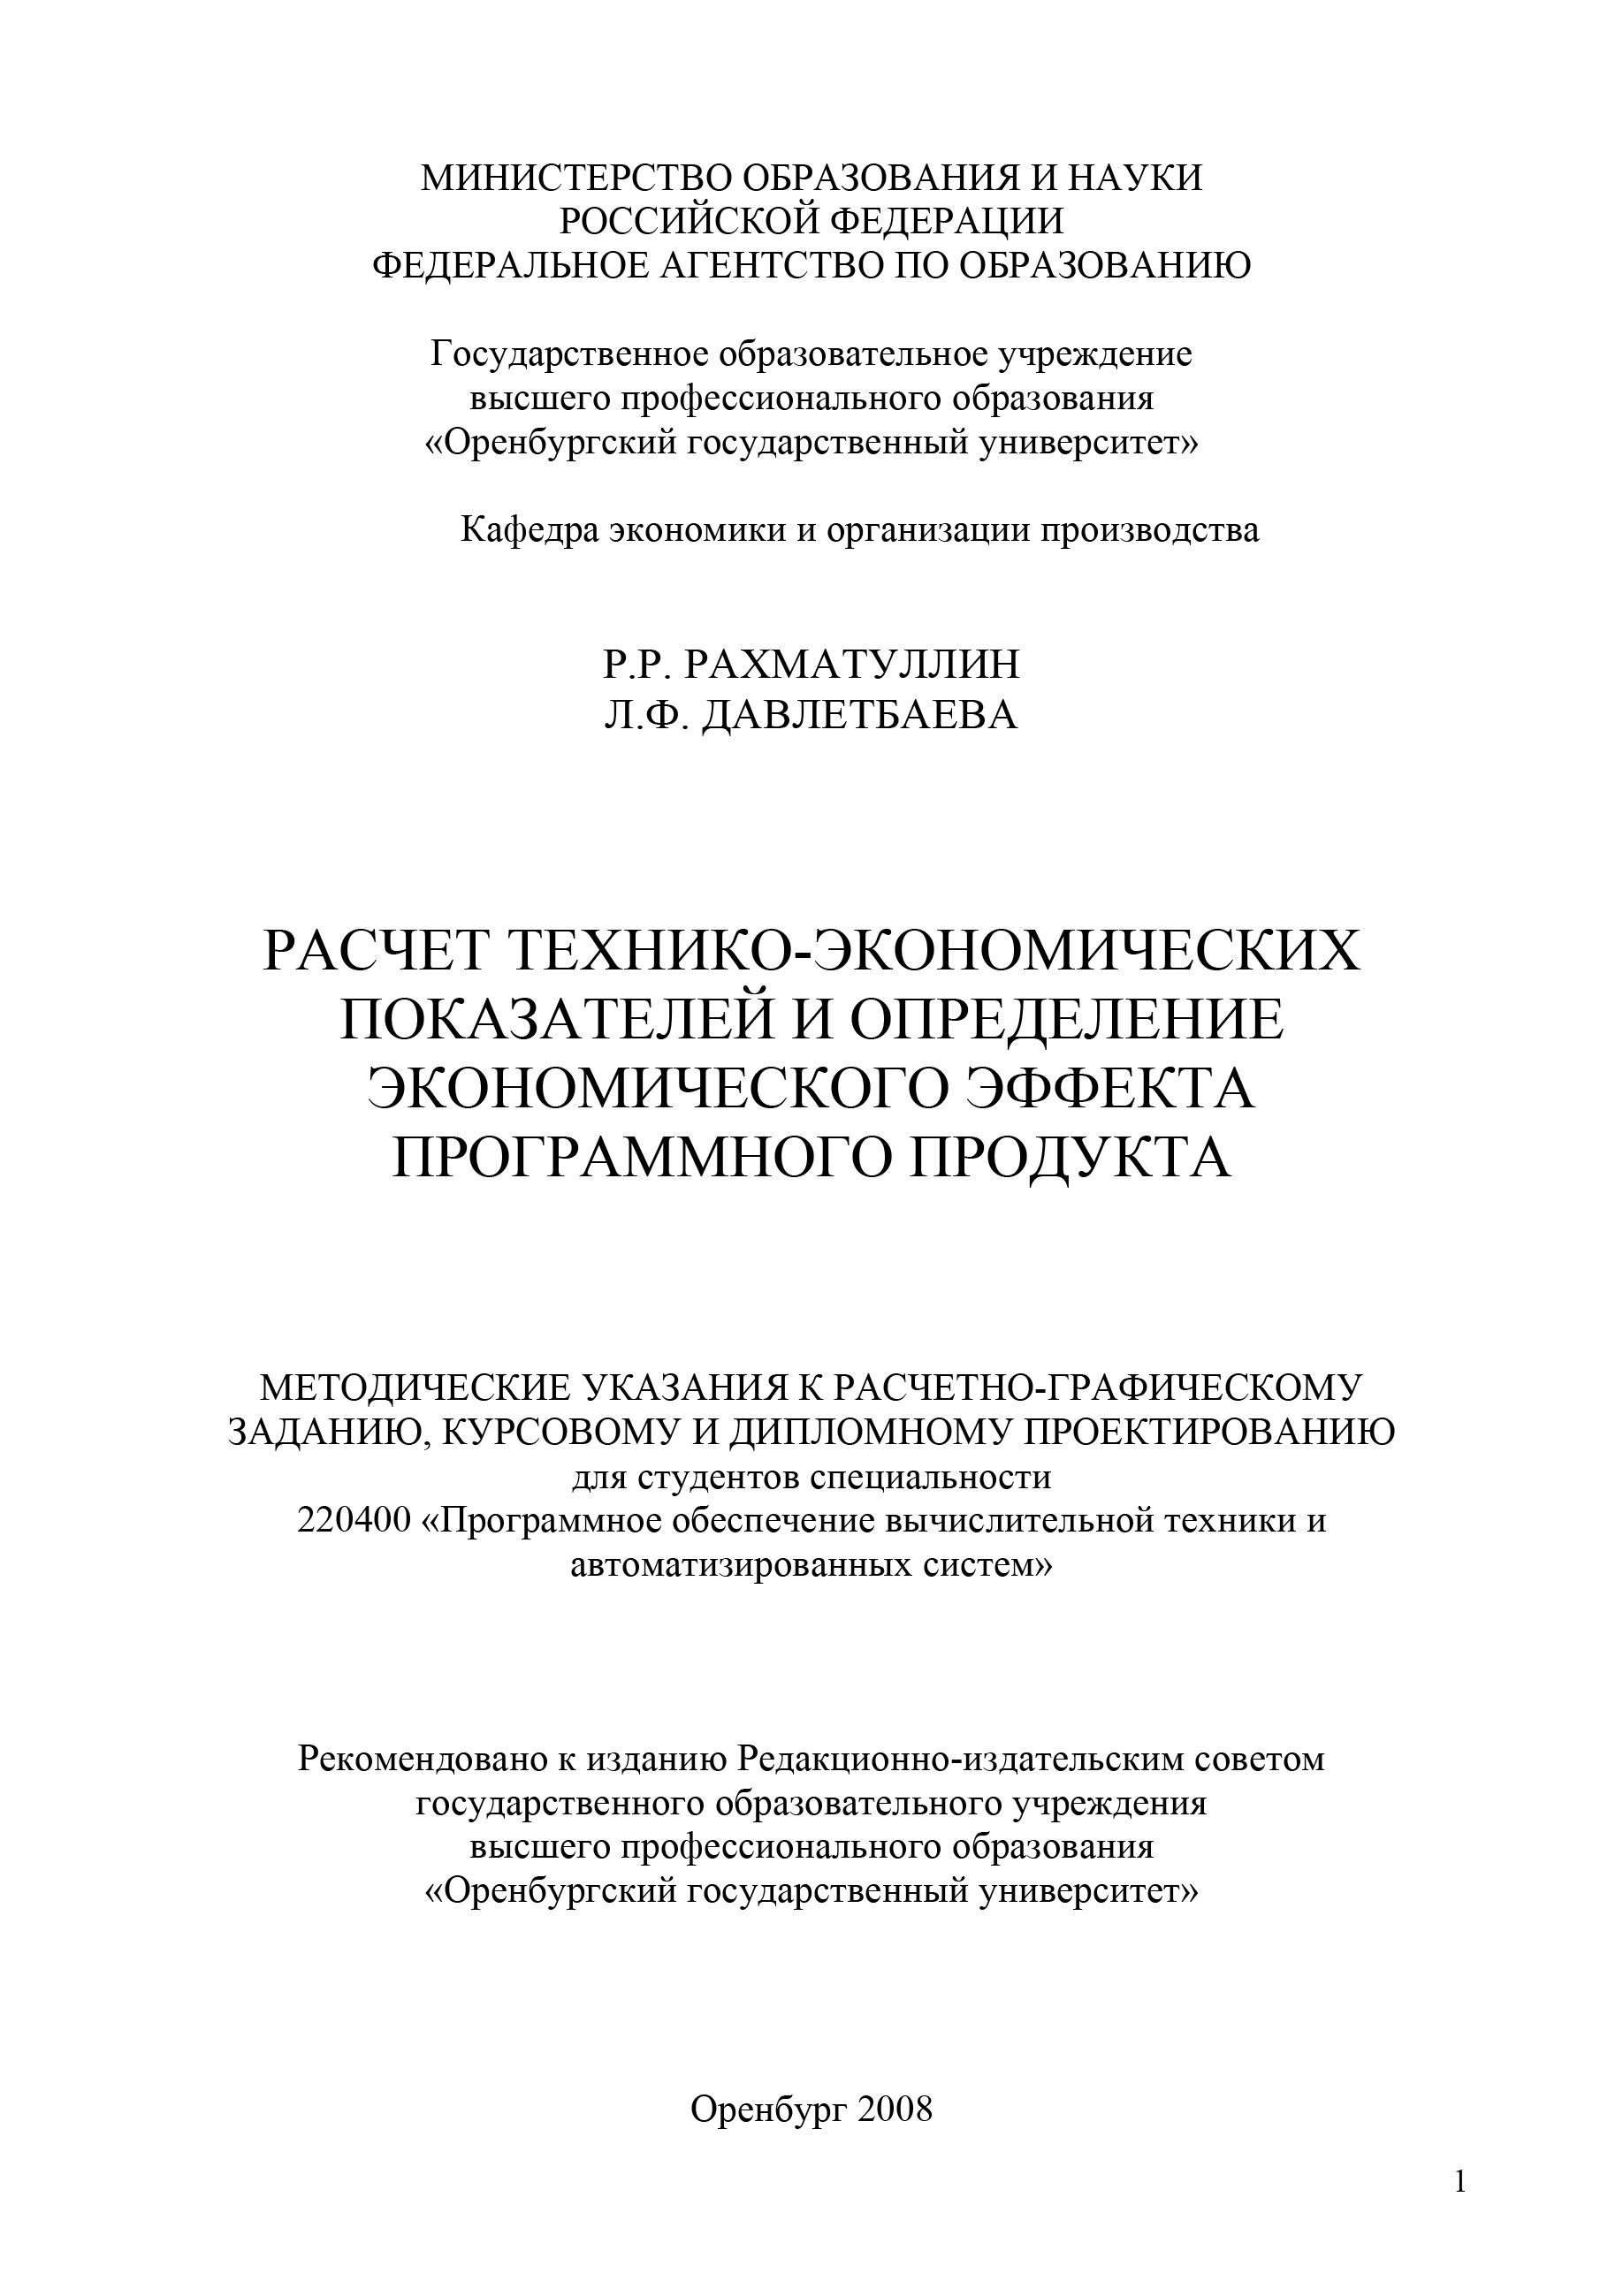 Р. Р. Рахматуллин Расчет технико-экономических показателей и определение экономического эффекта программного продукта расчет авиаперелета